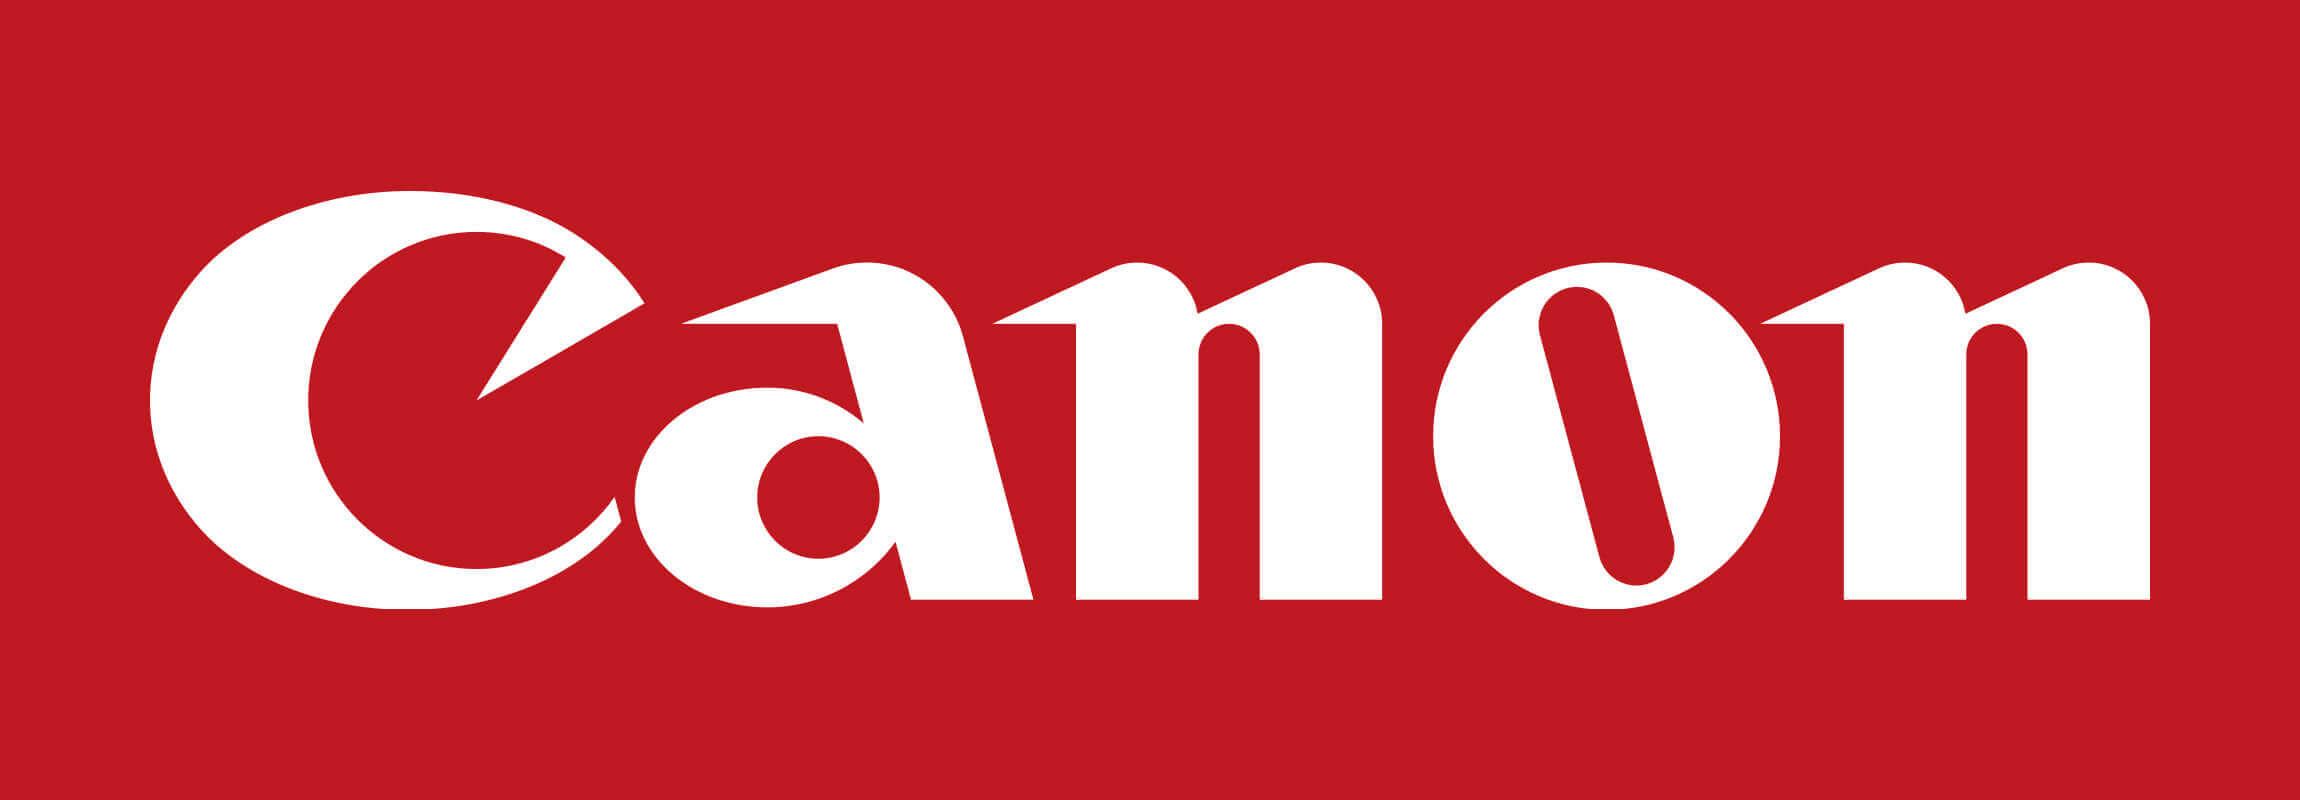 Canon camera brand